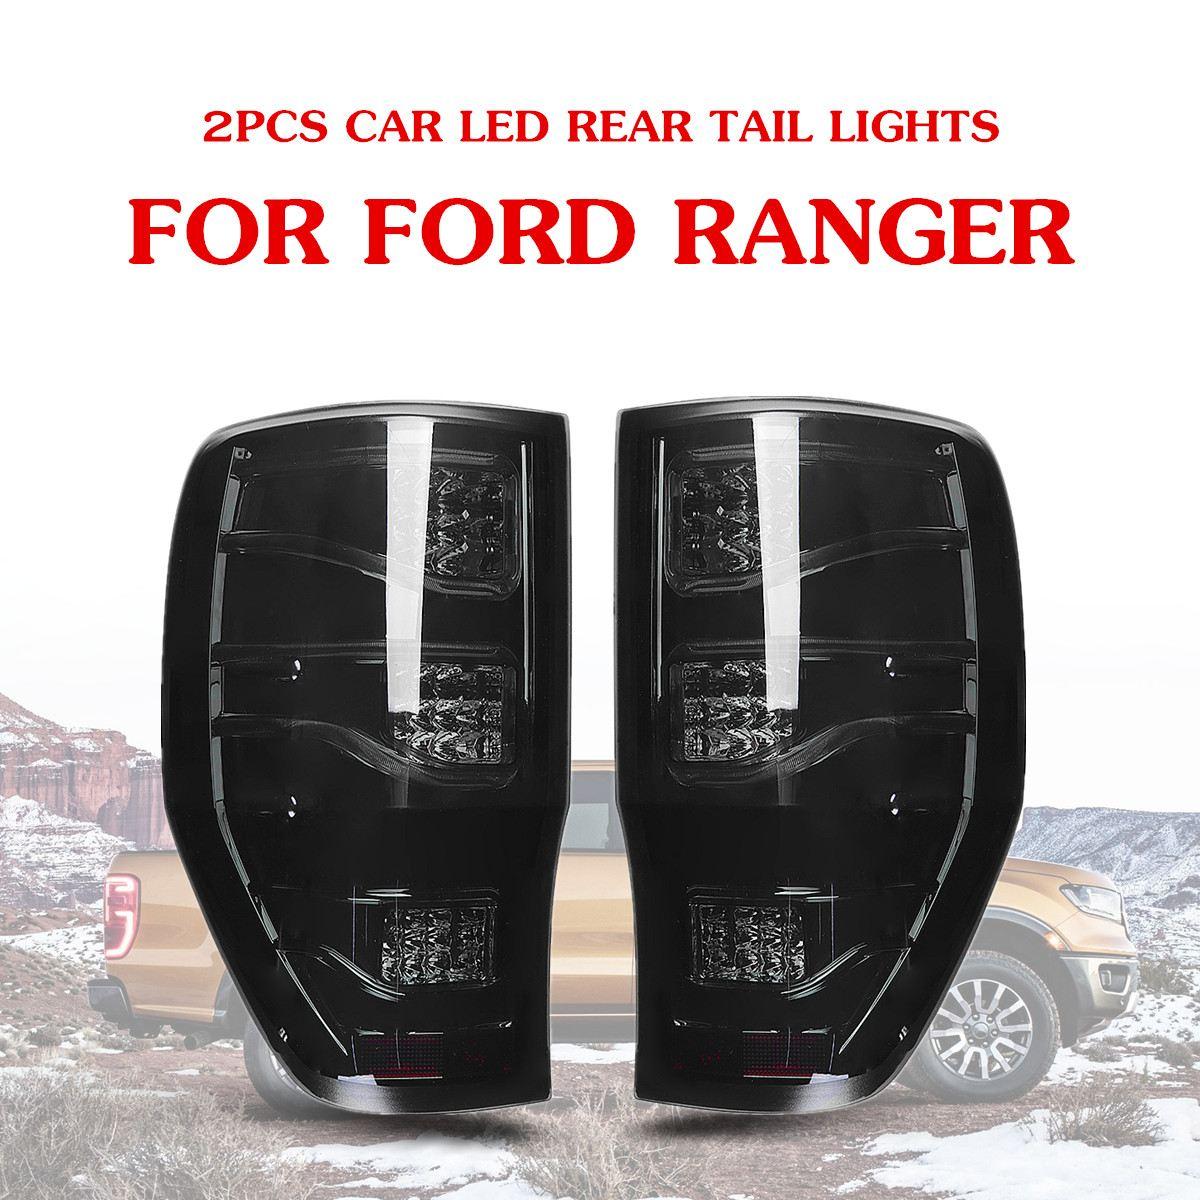 Audew 2 pièces fumé Auto voiture LED feux arrière feux arrière feux de frein pour Ford Ranger 2012-2018 ABS 27x43 cm camion lumière système